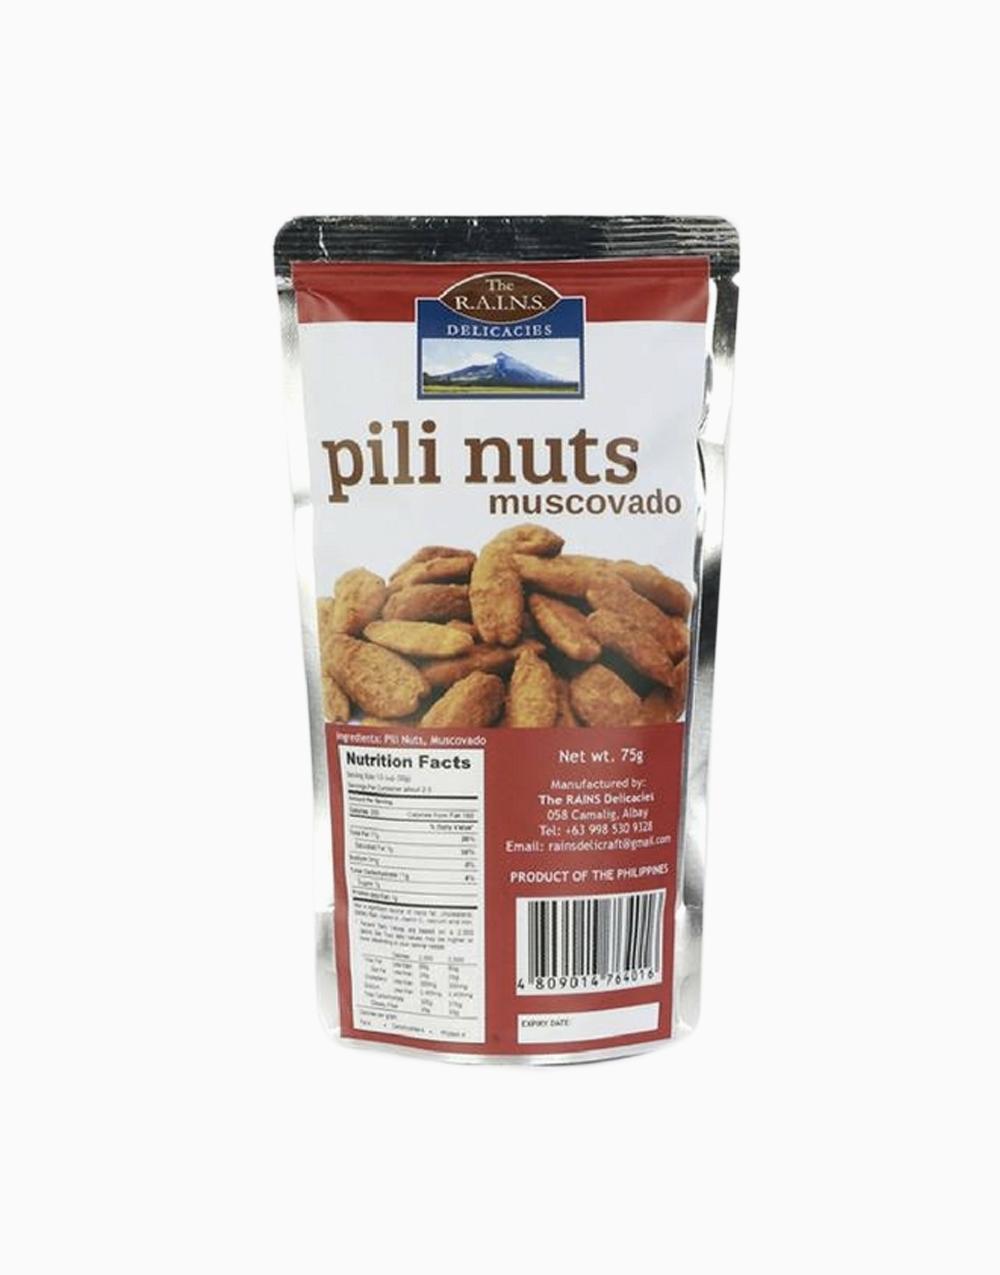 Muscovado Pili Nuts by Rains Delicacies